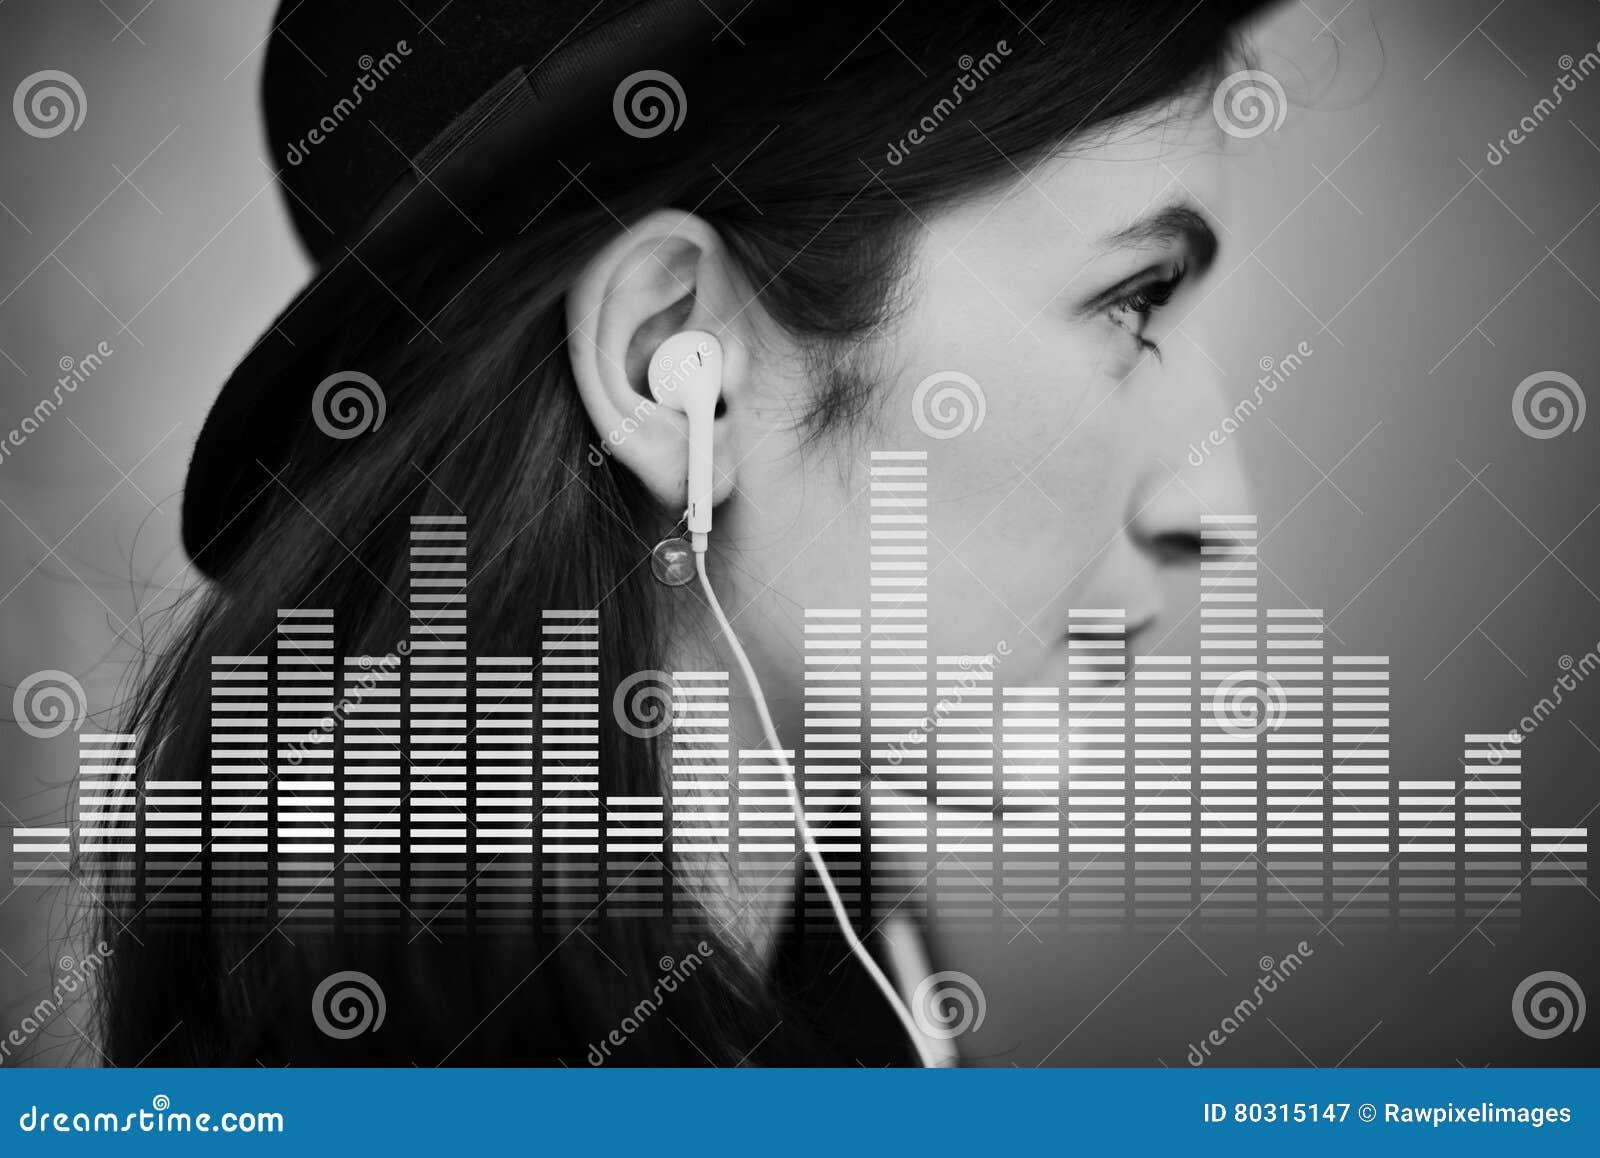 音频数字式调平器音乐调整声波图表概念